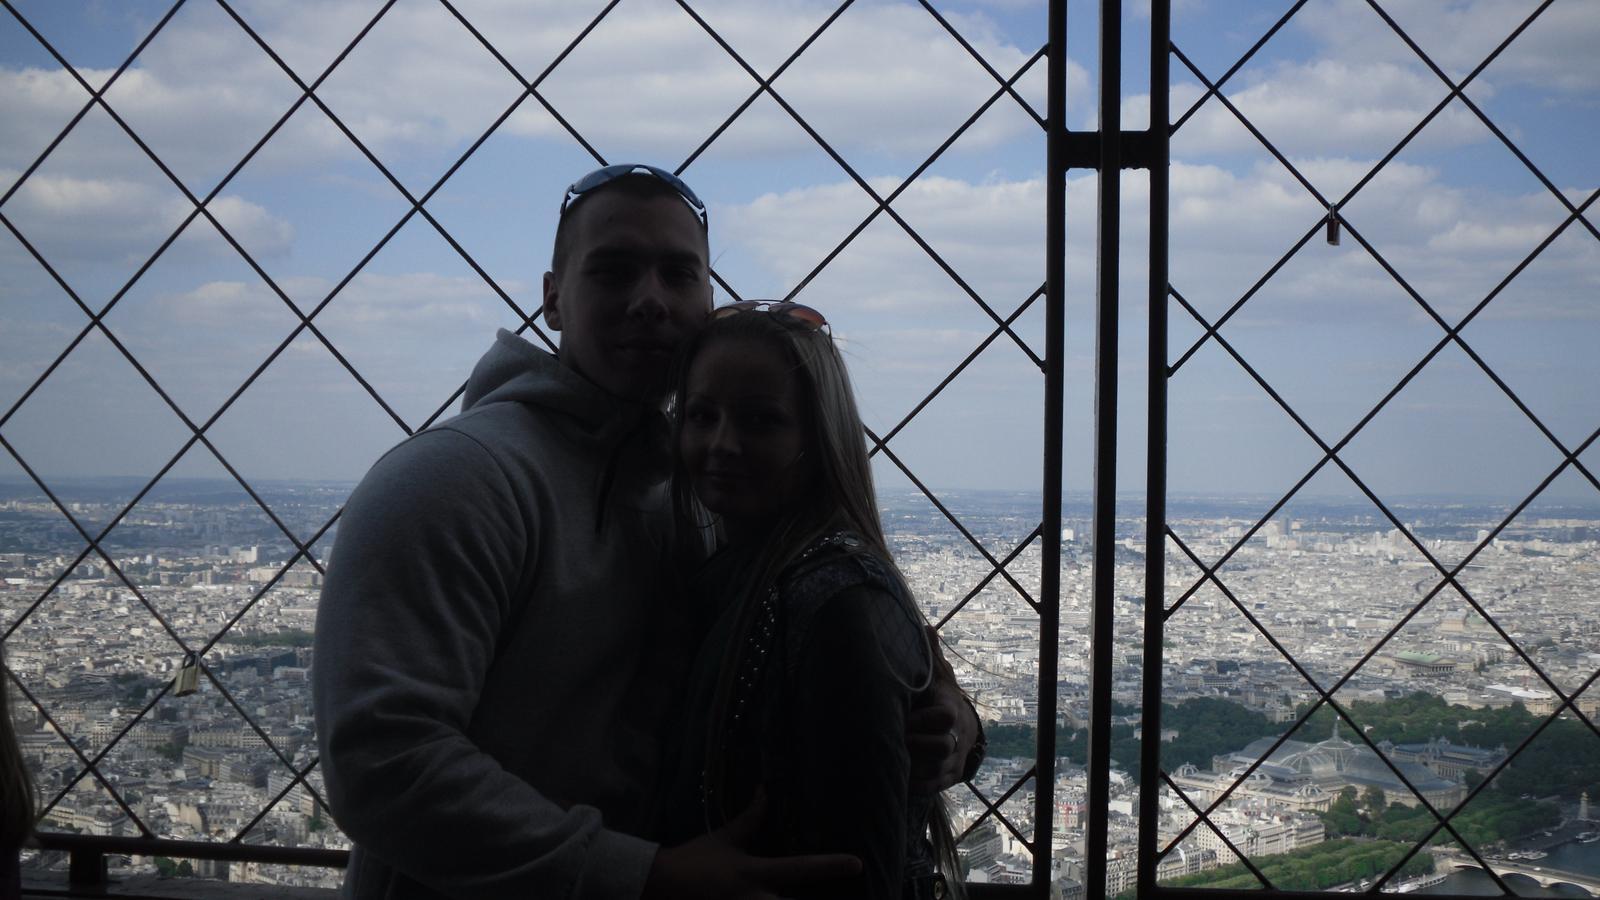 Zásnuby v Paríži 3.5.2014 :) - Na najvyššiom poschodí na Eiffelovke ma moja polovička požiadala o ruku dňa 3.5.2014 :-*